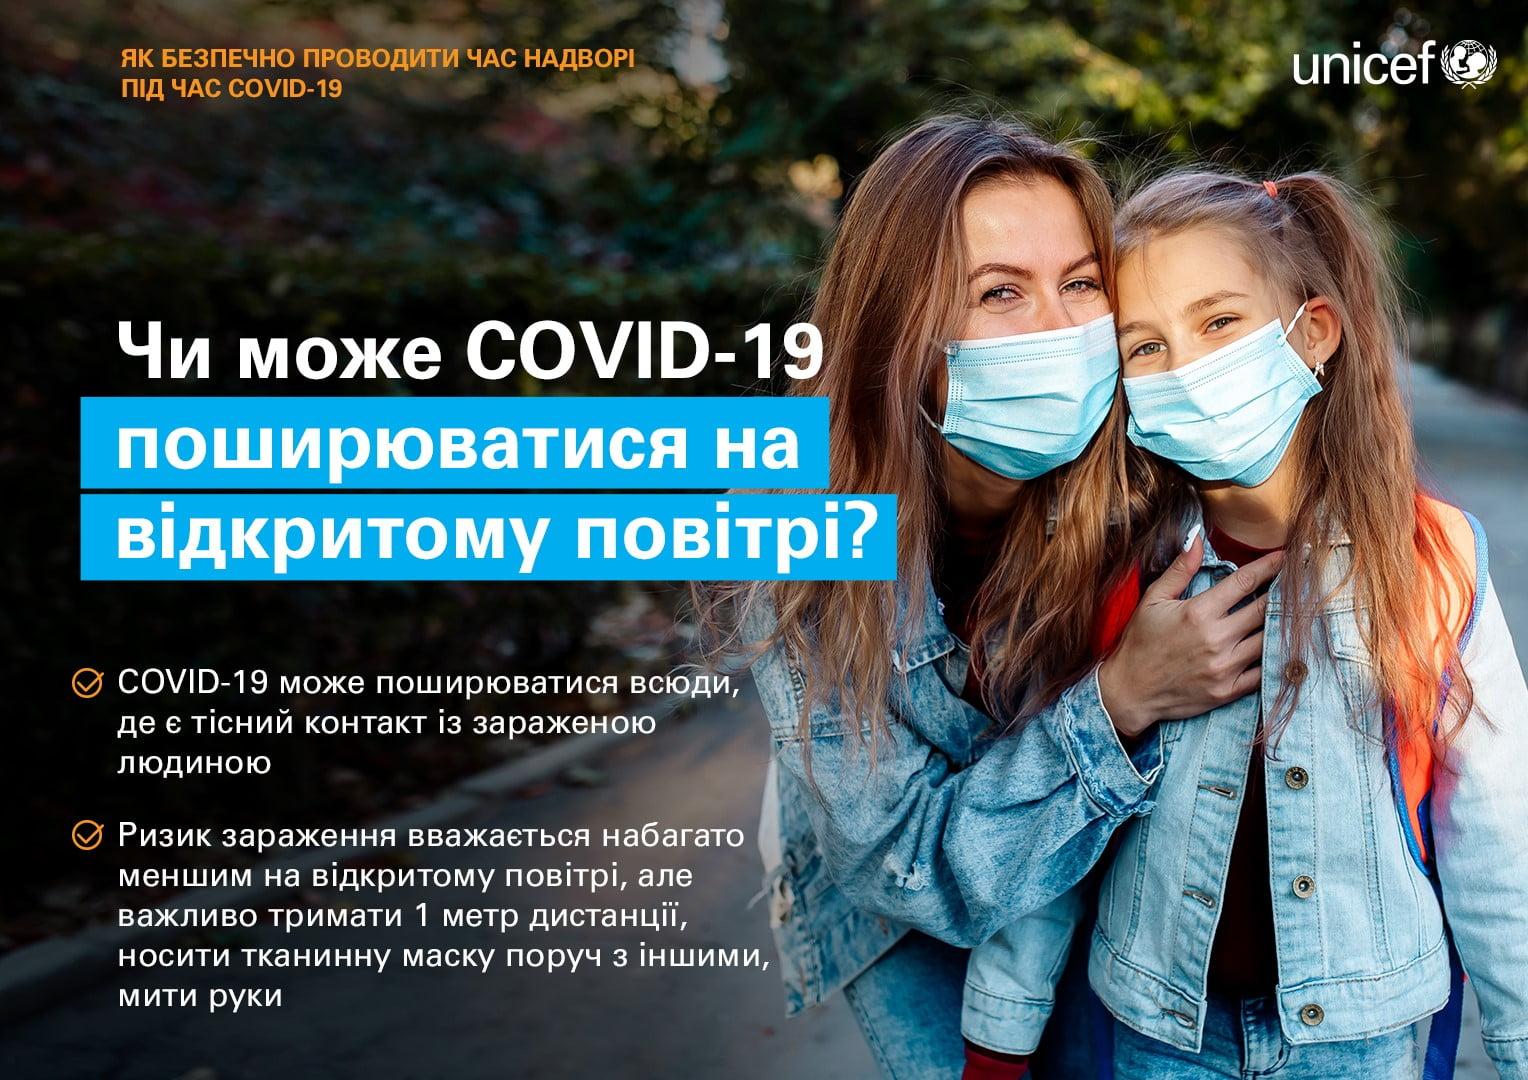 Як безпечно проводити час надворі під час COVID-19 Міська дитяча лікарня №5 детская больница Запорожье